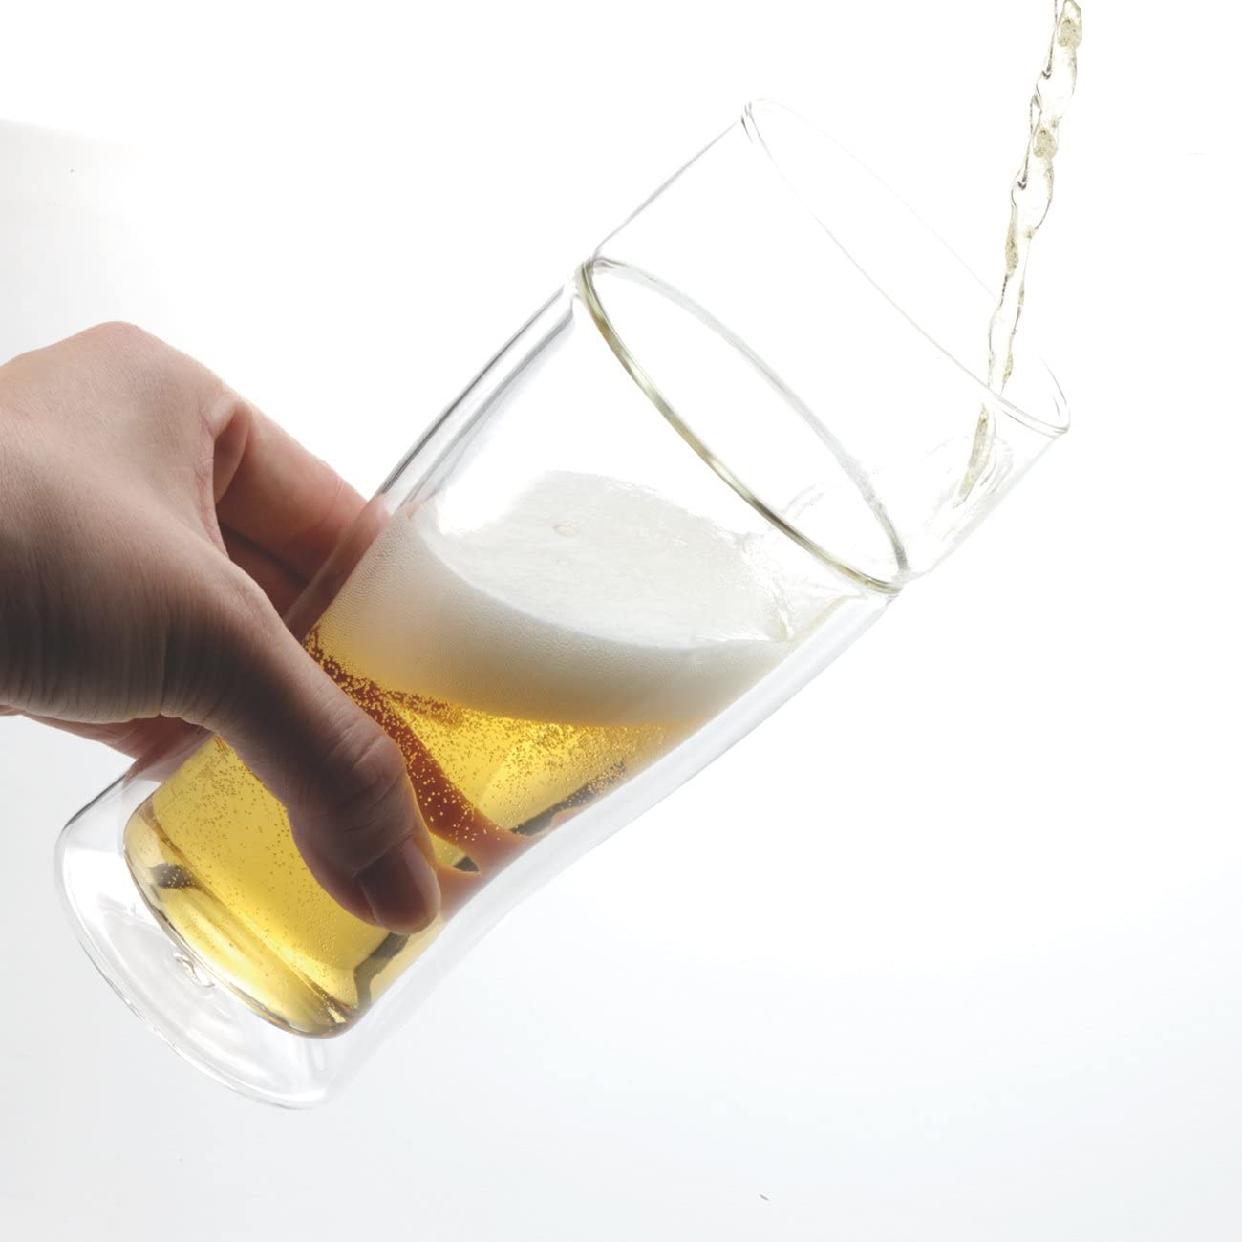 HARIO(ハリオ) ツインビア グラスの商品画像3